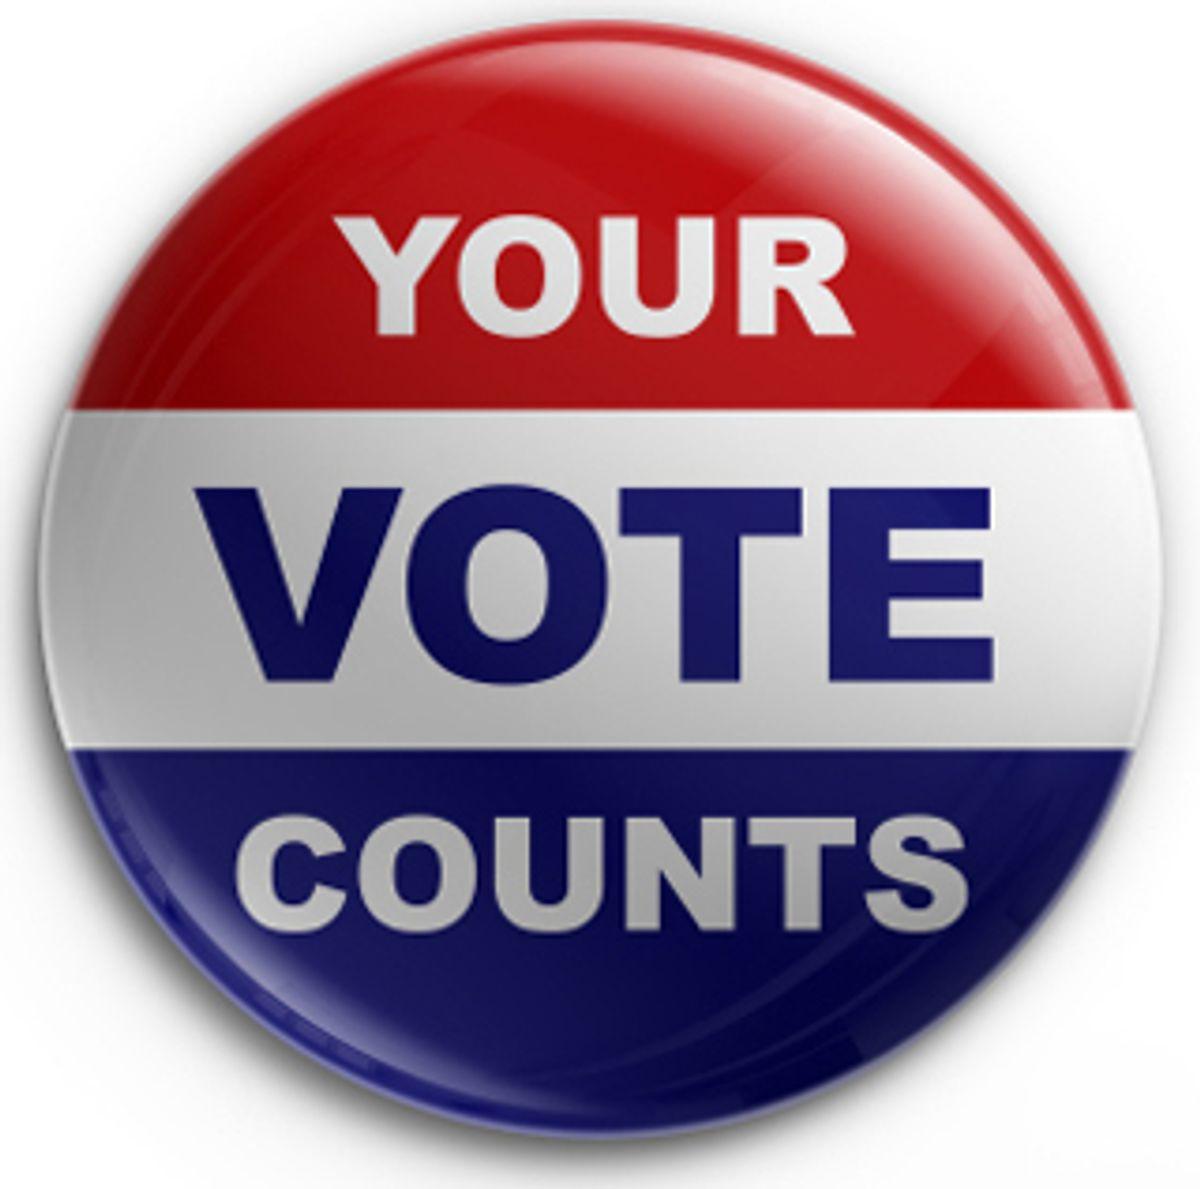 Vote for Penske Logistics as a Top 3PL